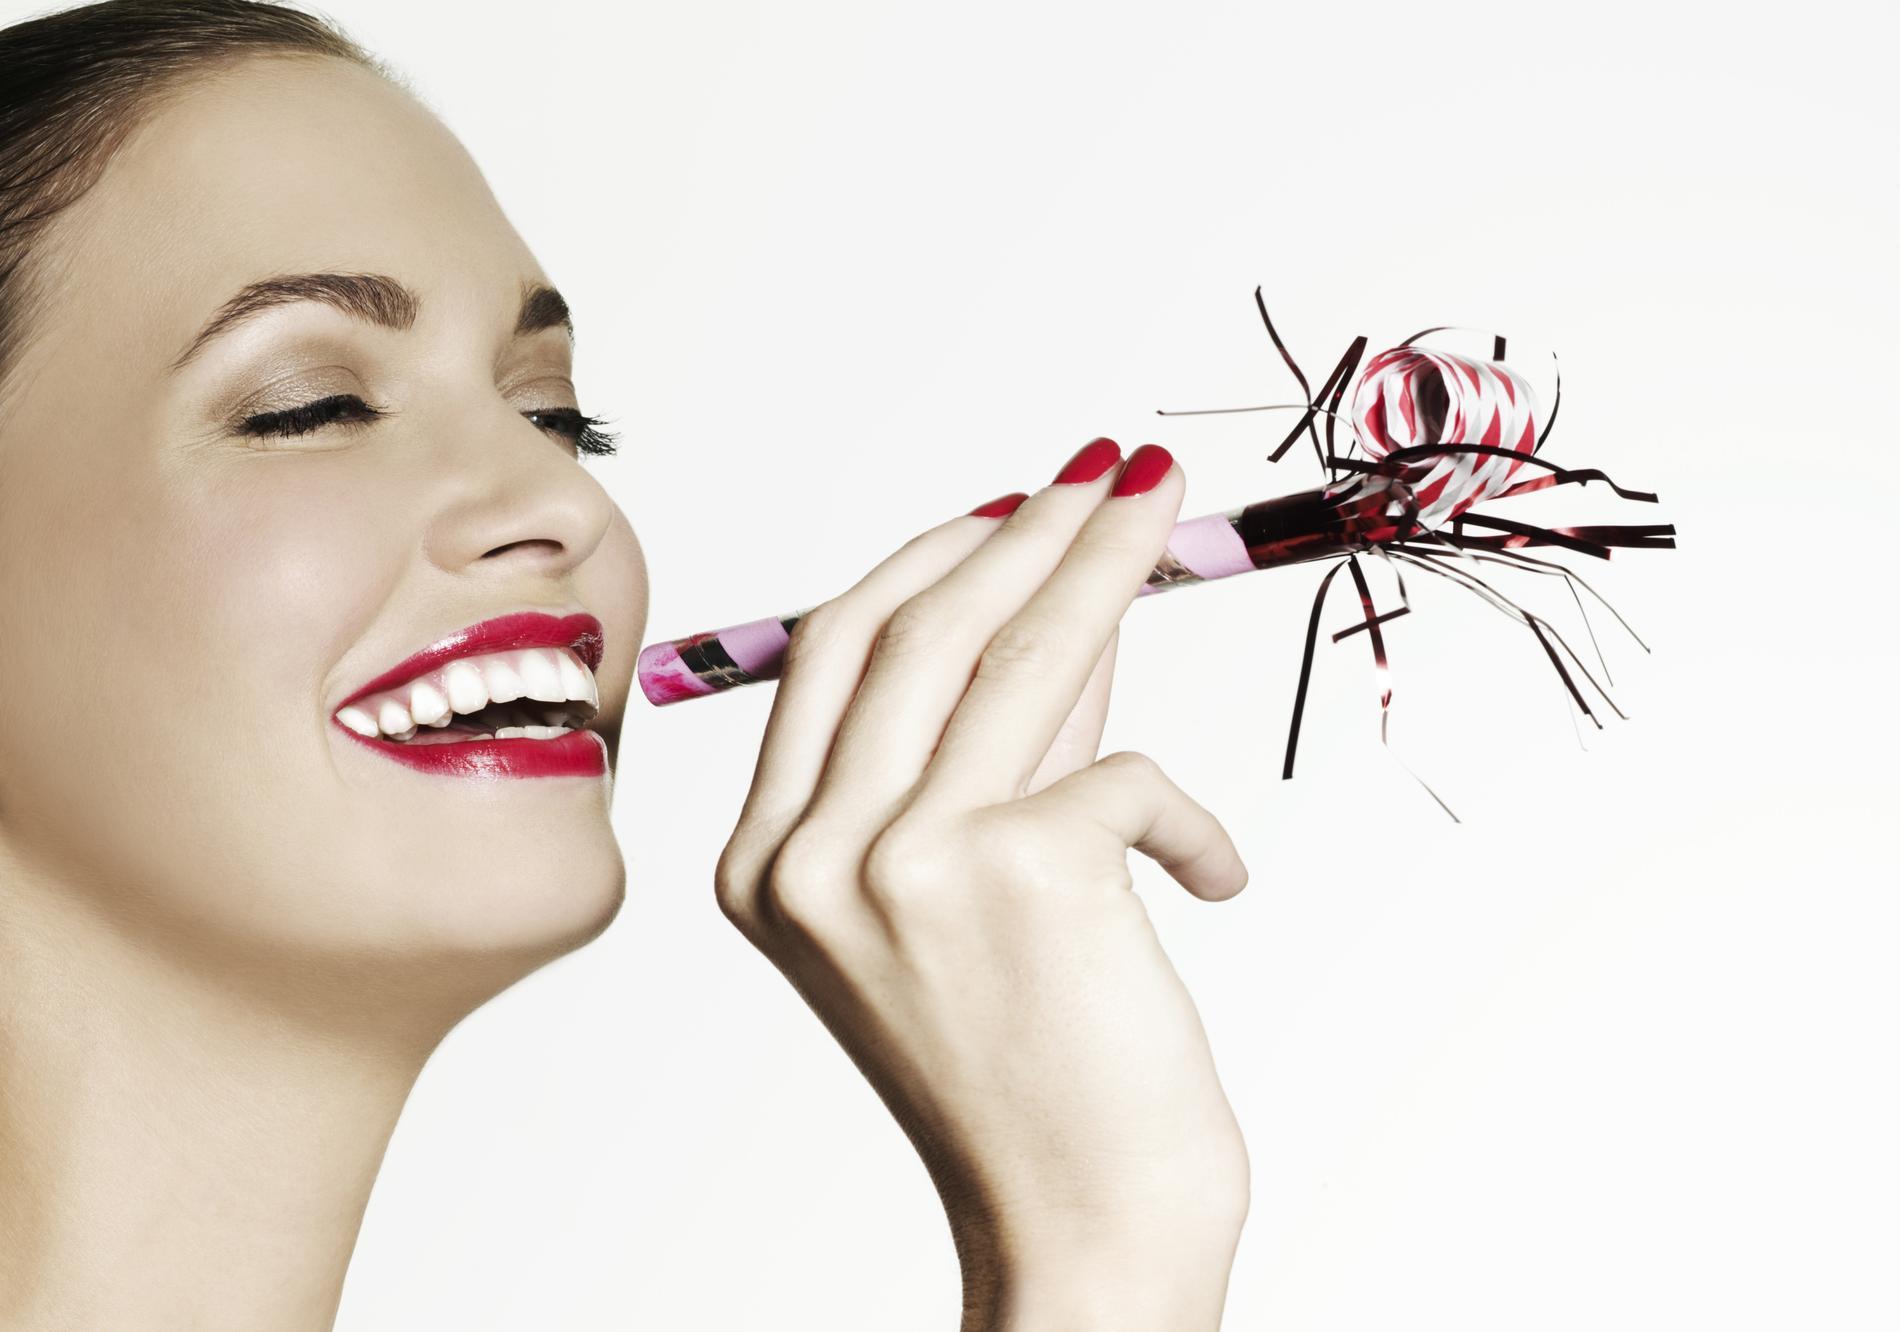 Tuto Maquillage Un Look Sophistiqu Pour Les F Tes